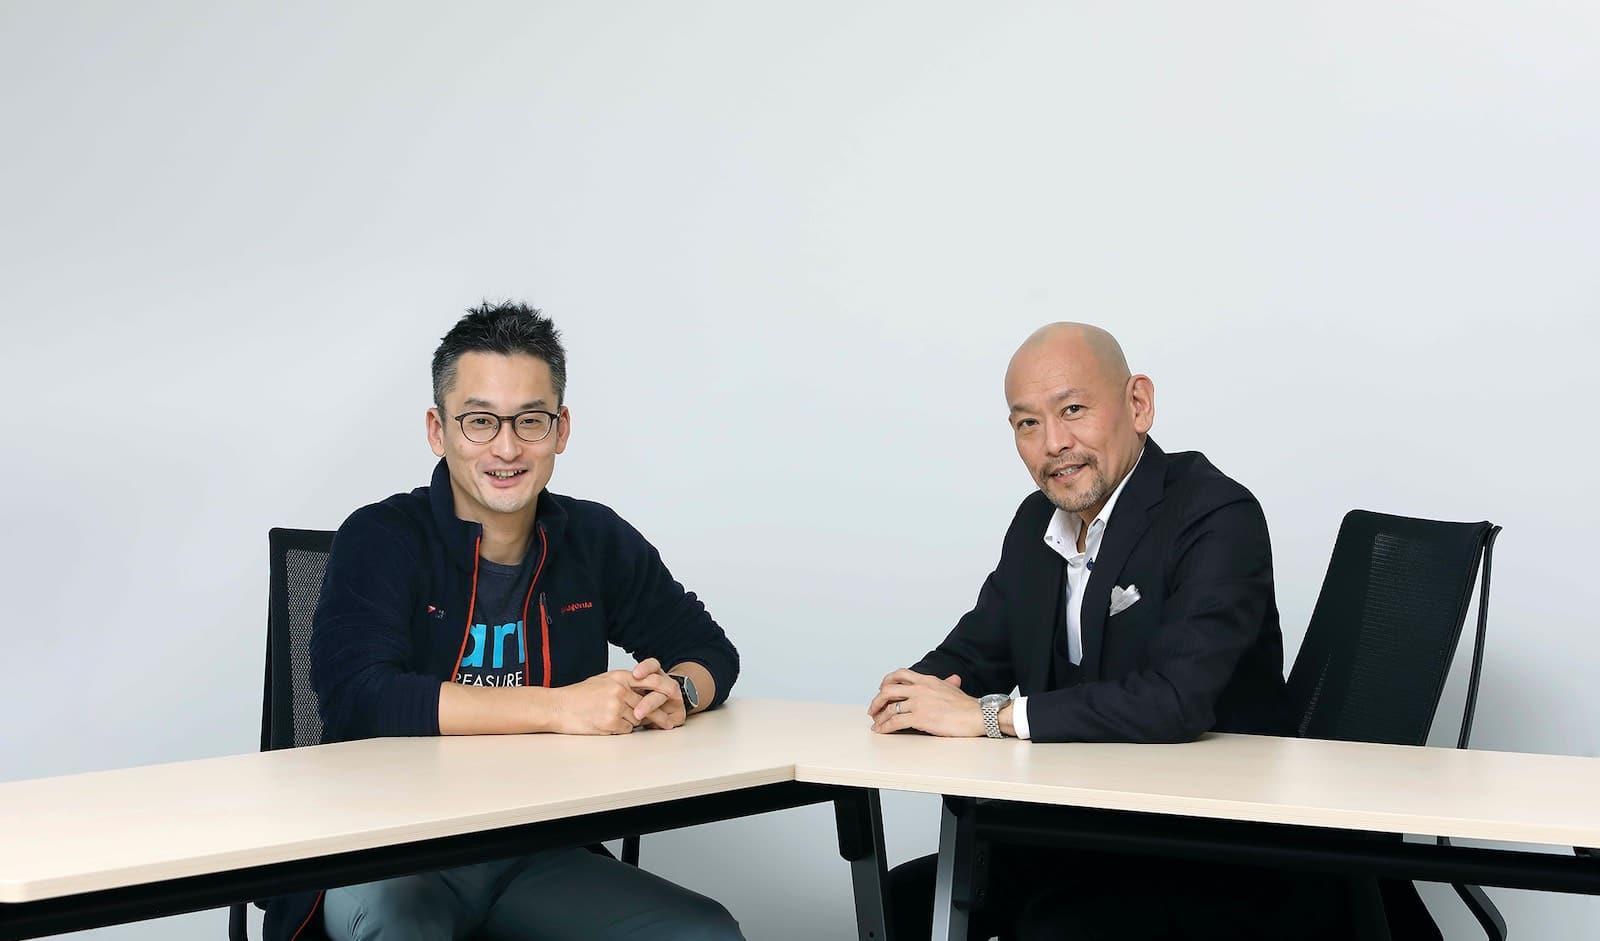 堀内 健后氏(左)と音部 大輔氏(右)